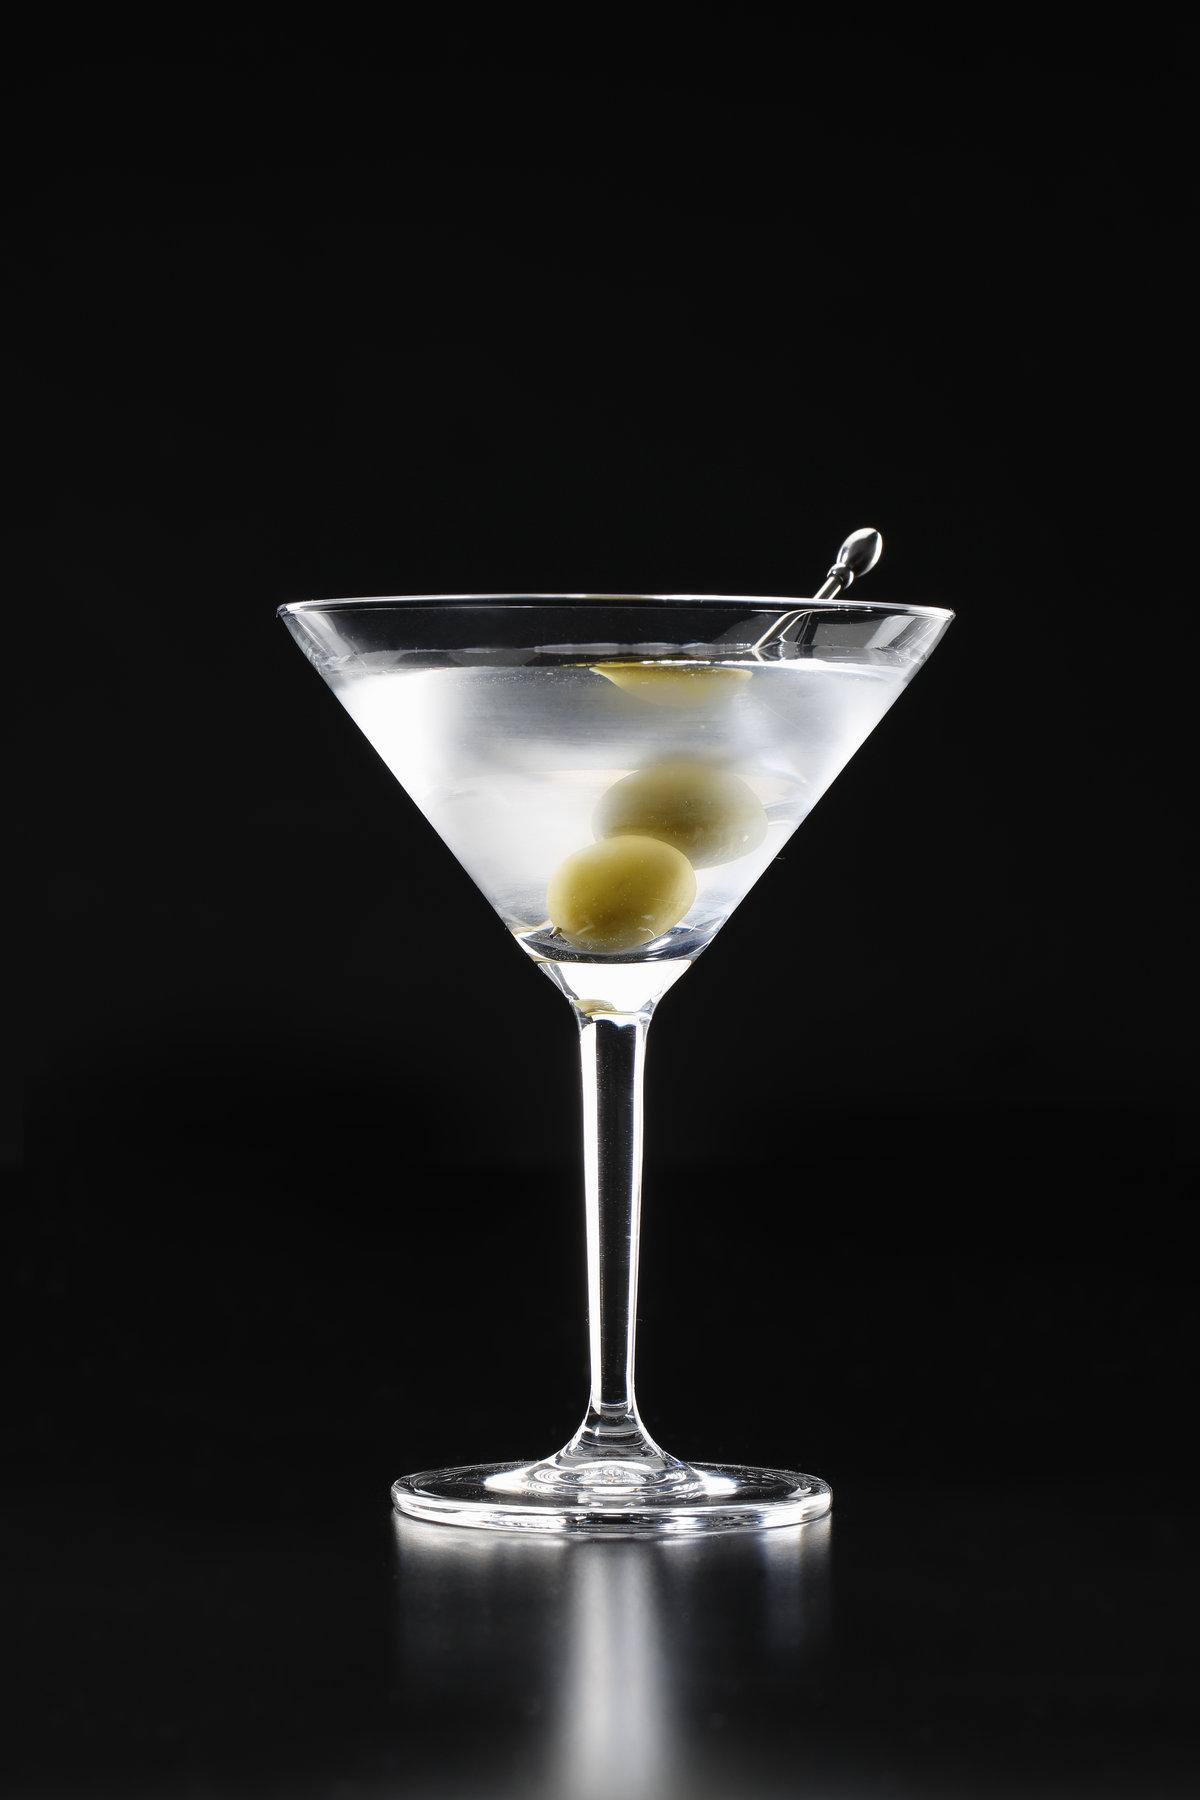 Стакан мартини картинки